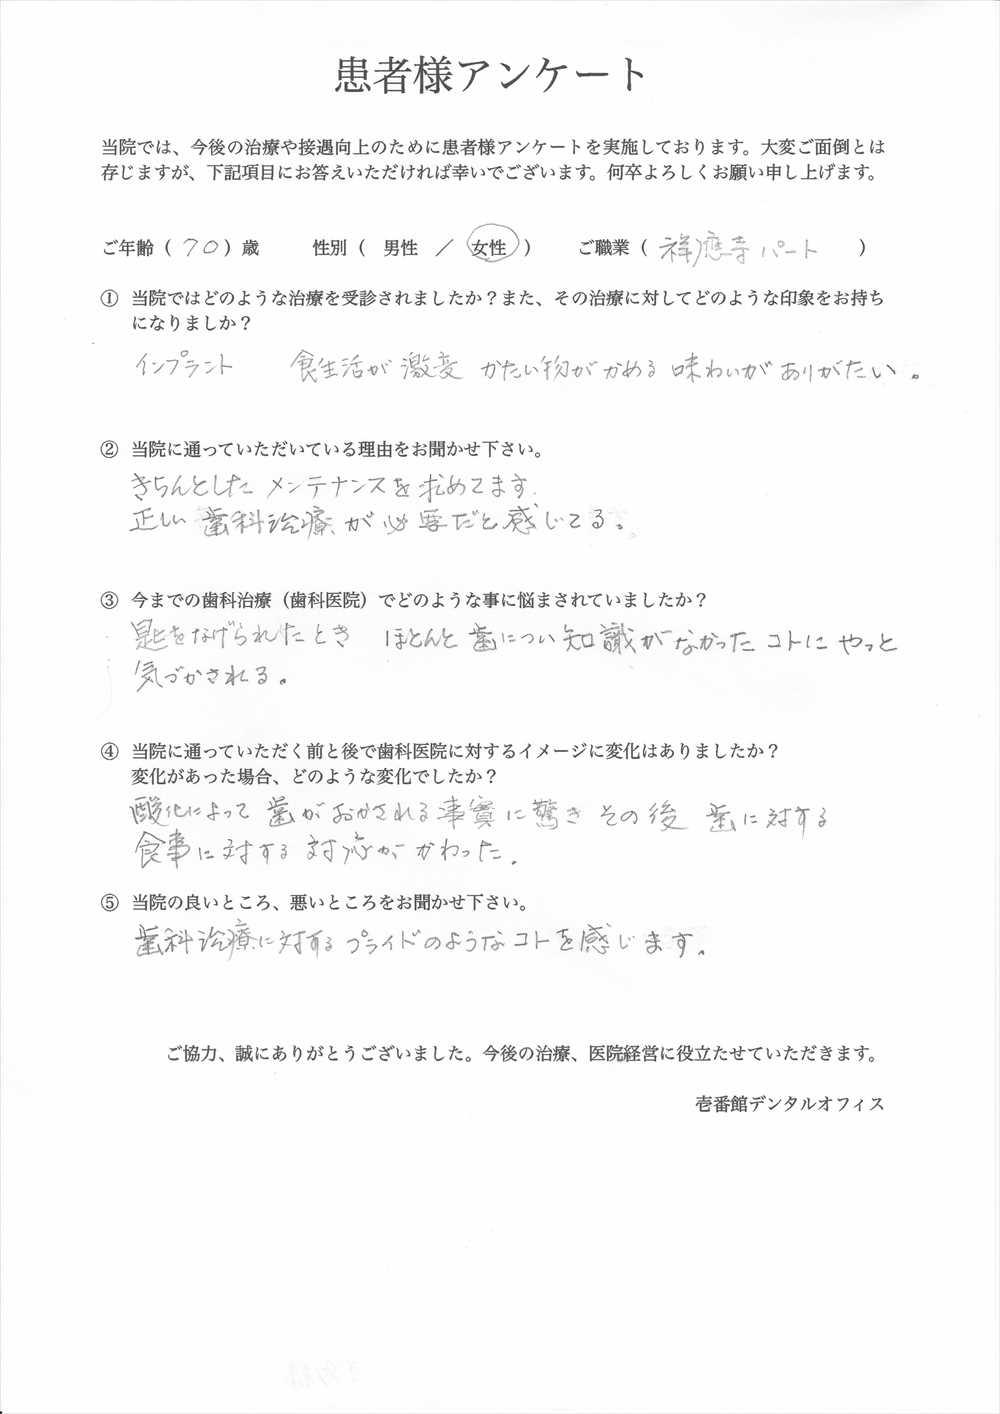 壱番館デンタルオフィス口コミ評判アンケート13